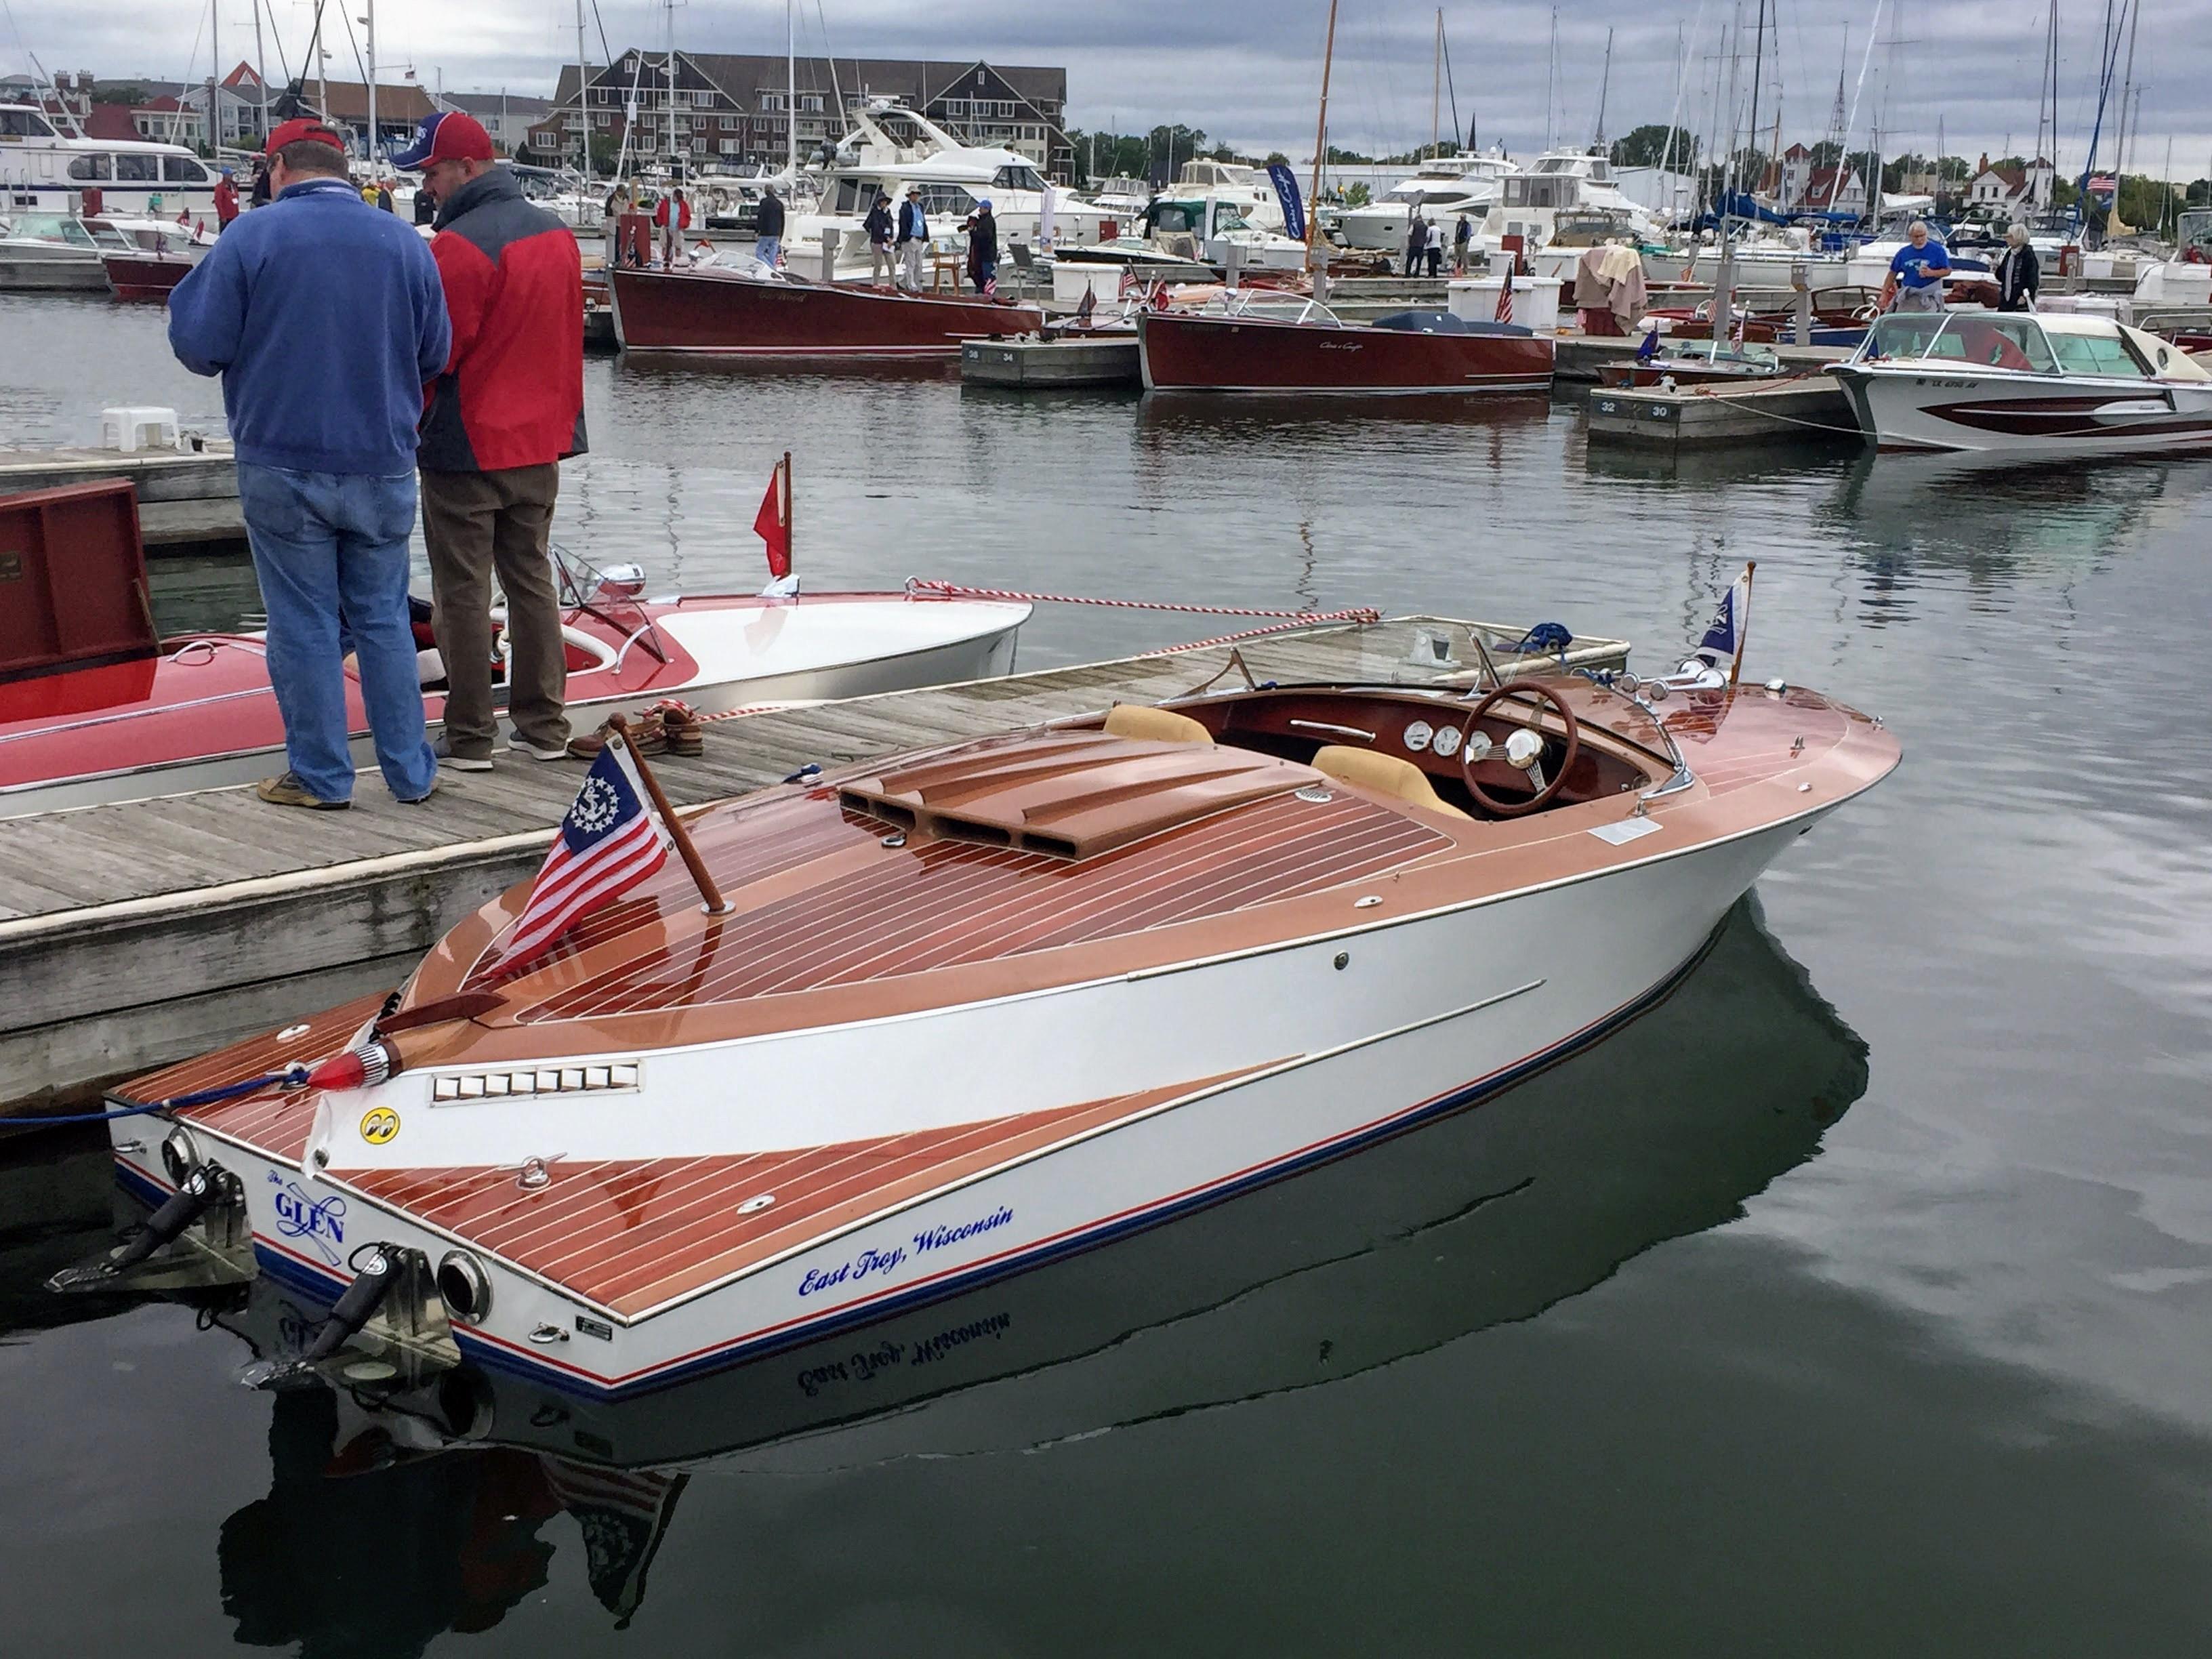 2017-09-08 Racine Boats 04